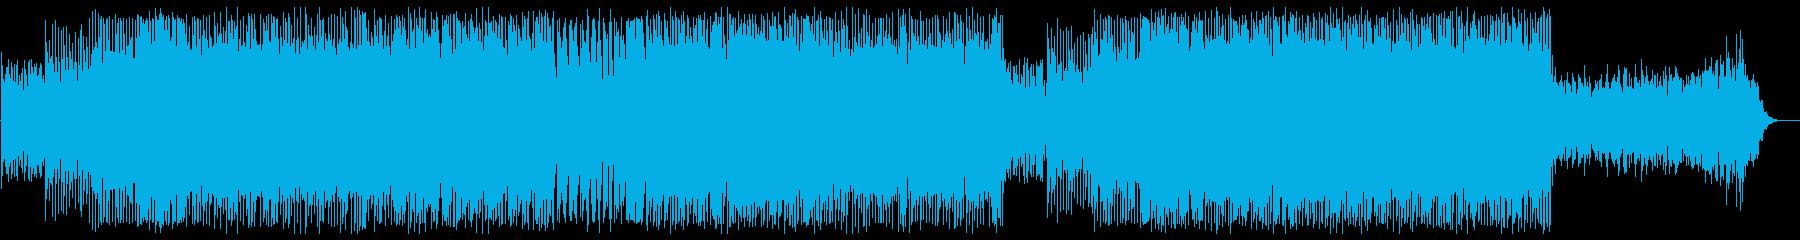 アップテンポなリズミカルなポップテクノの再生済みの波形